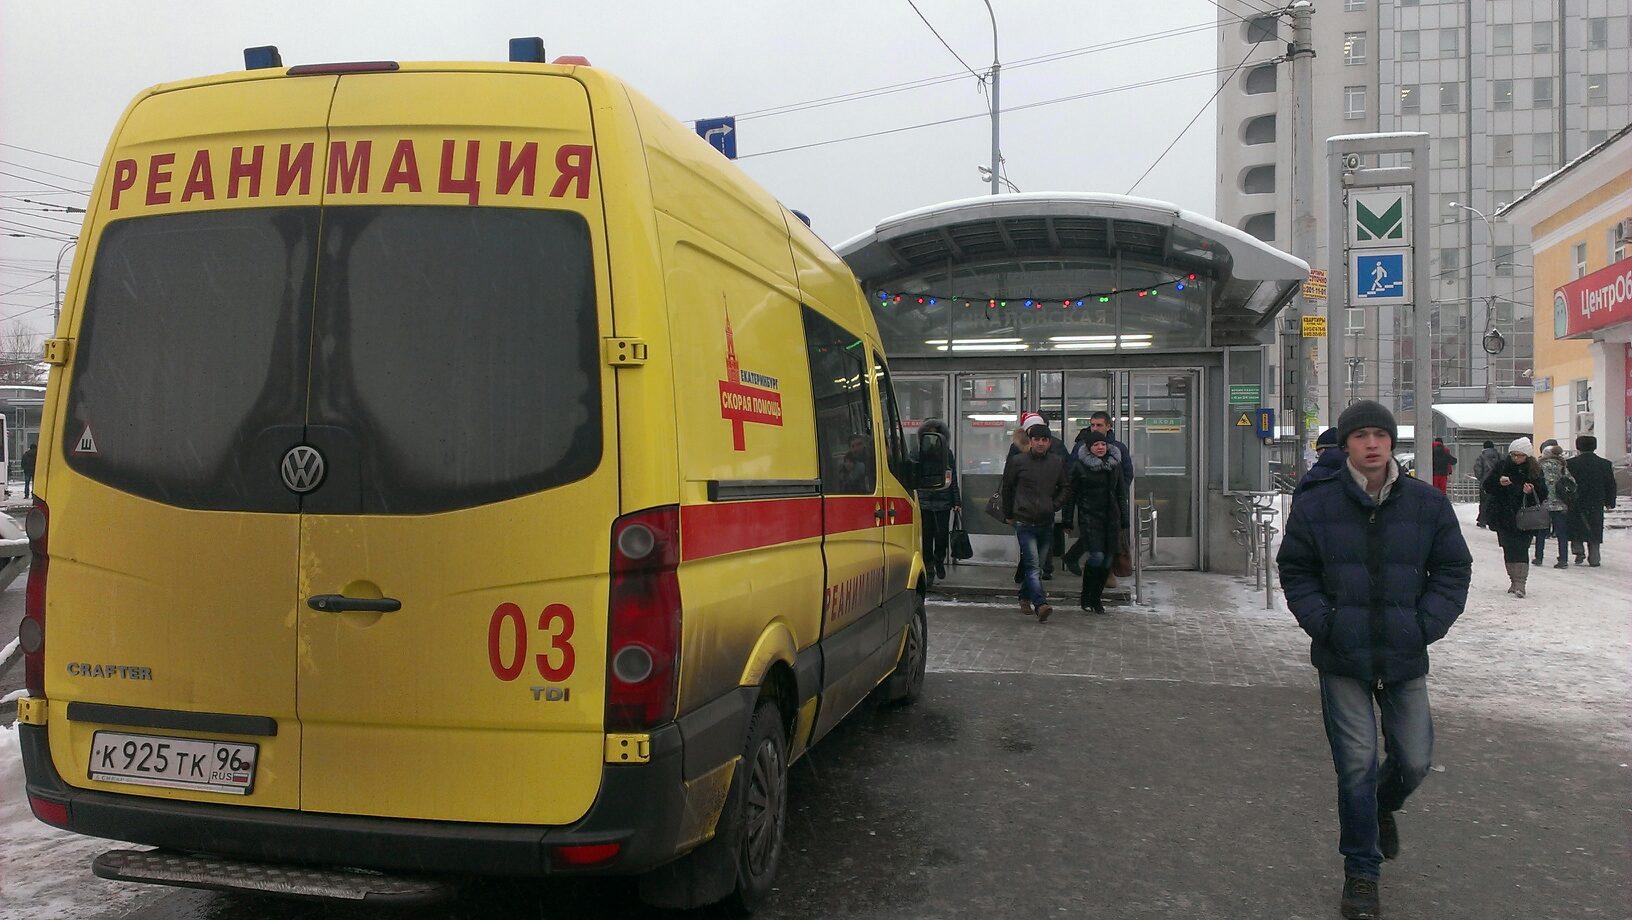 Срочно! На станции метро Чкаловская парень бросился под поезд